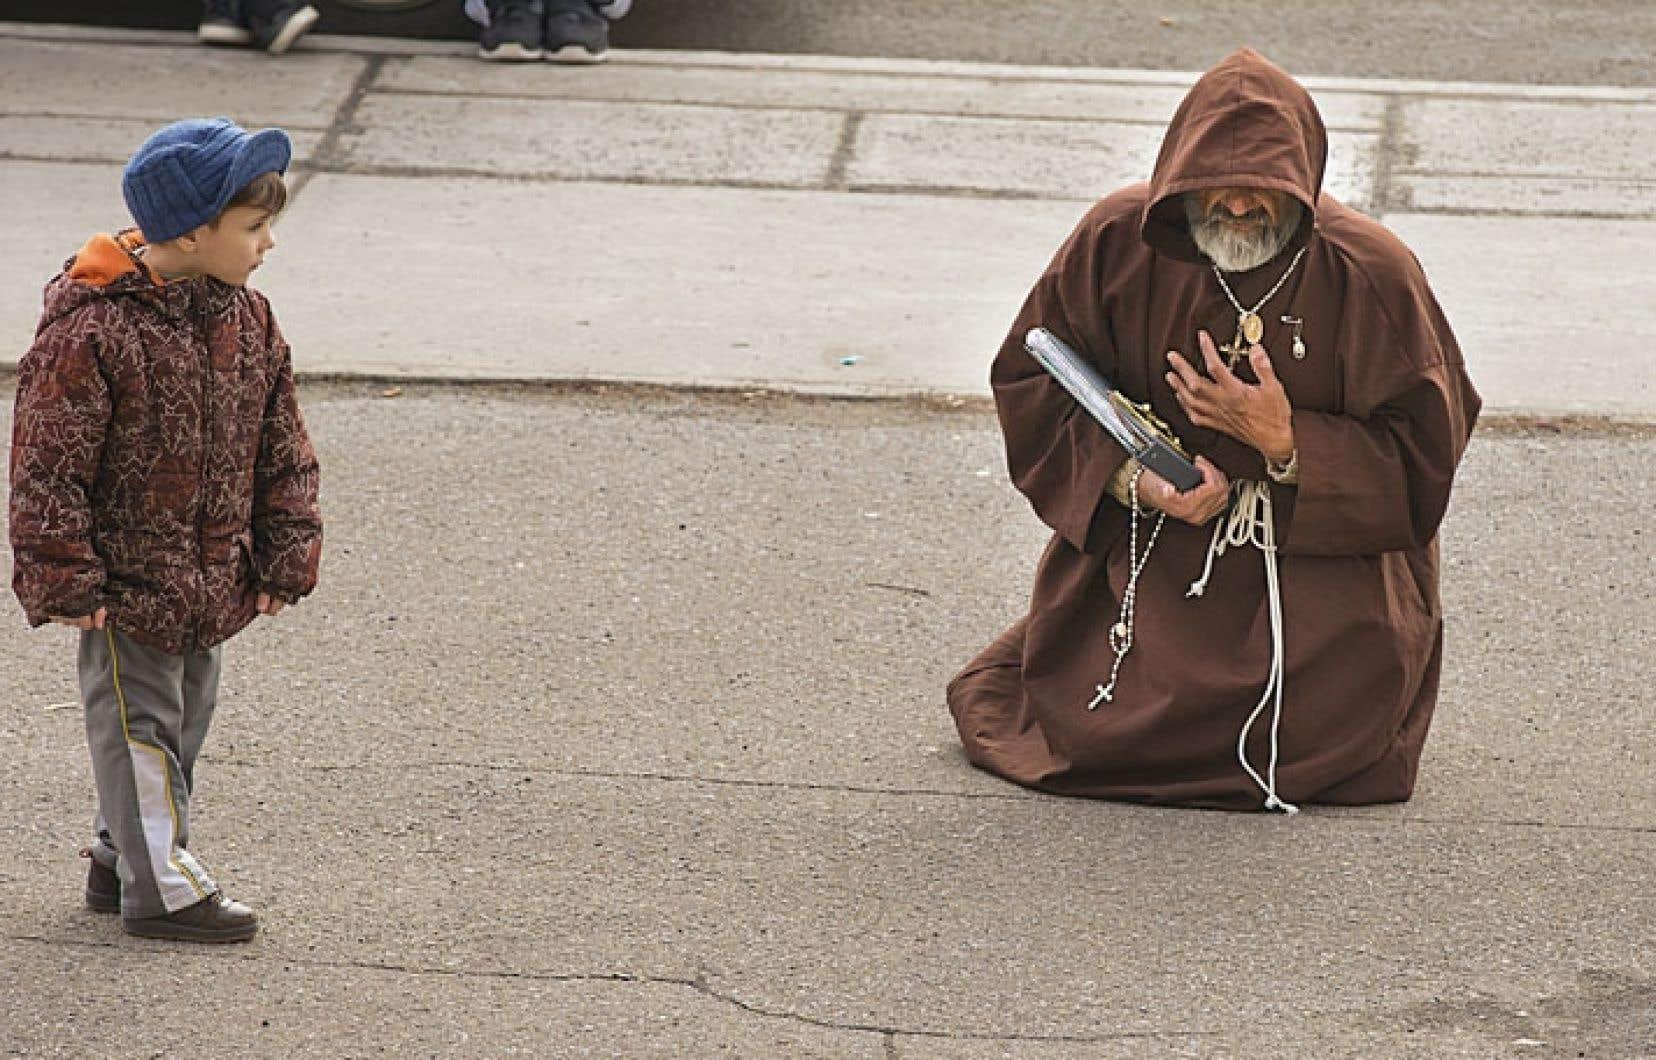 Des centaines de croyants ont pris part à la 41e édition de la Marche du pardon à Montréal ce Vendredi saint. Au coin des rues Jarry et Henri-Julien, arrêté à l'une des stations représentant le Chemin de croix du Christ, ce petit garçon observe un laïc non voyant ayant fait la procession pieds nus.